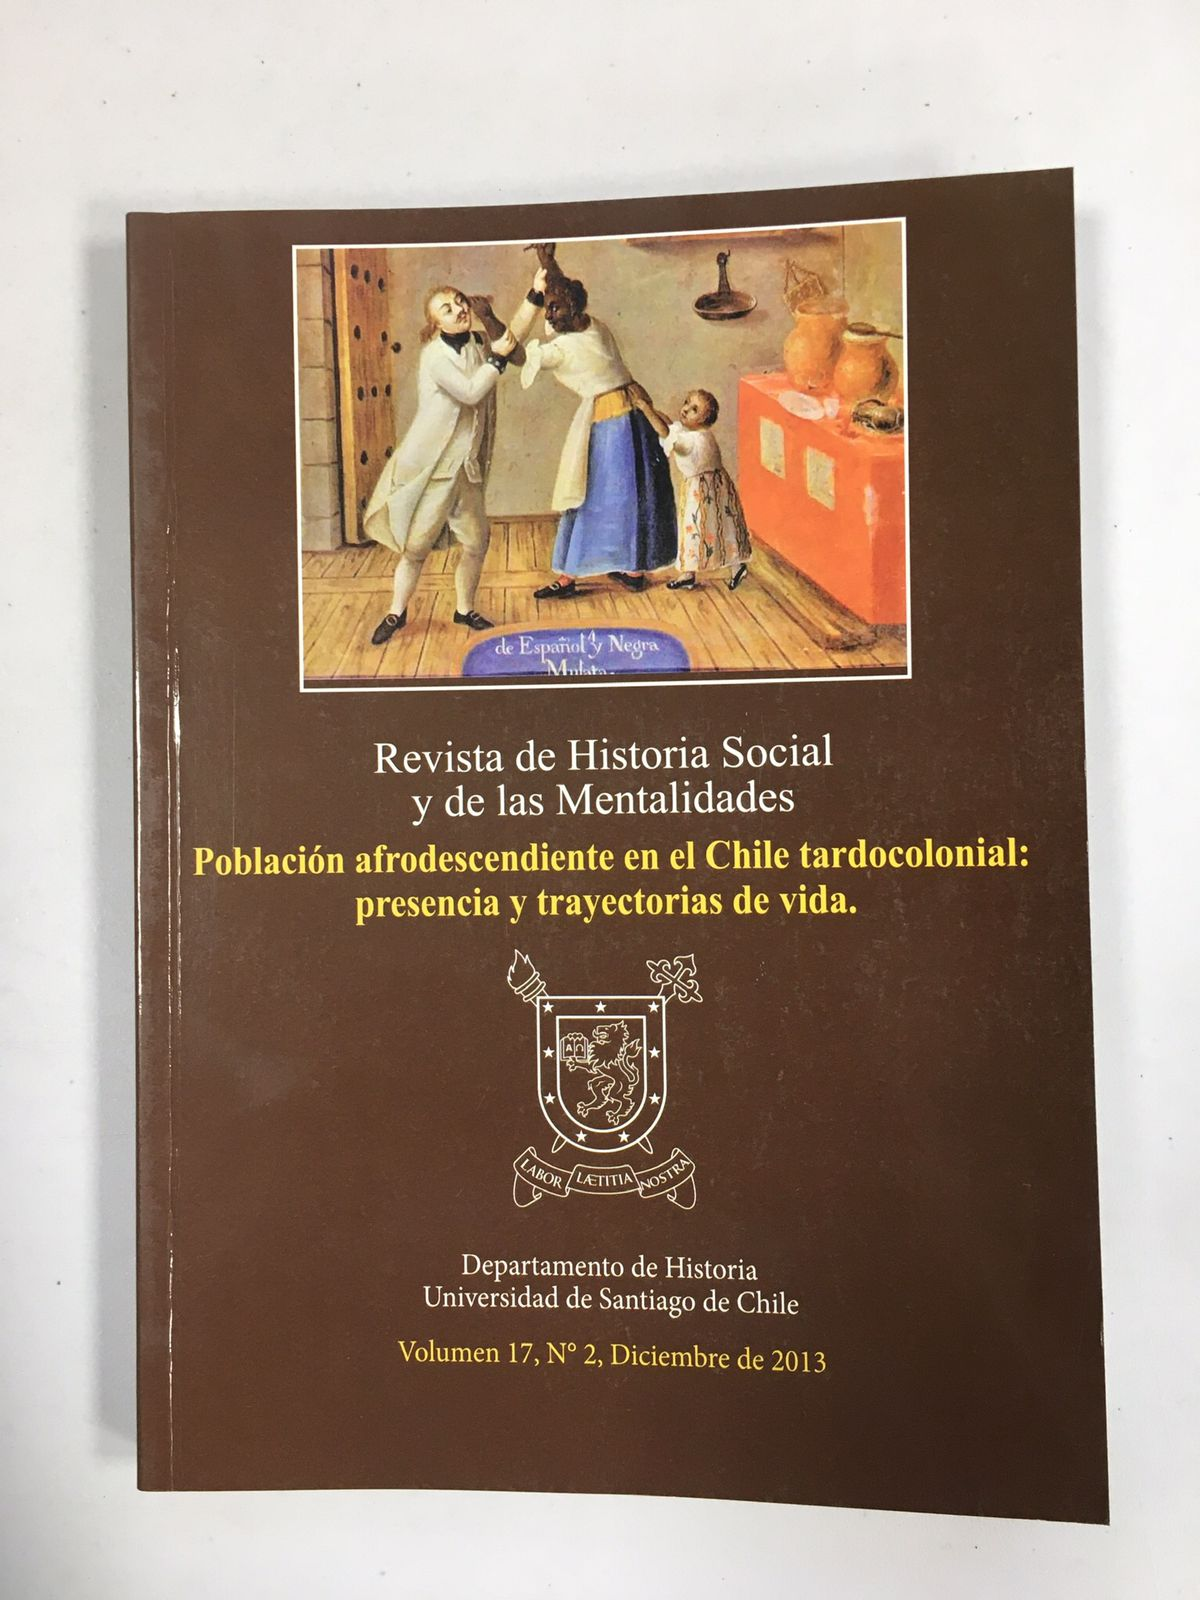 Revista de Historia Social y de las Mentalidades. Volumen 17 nº2 diciembre 2013